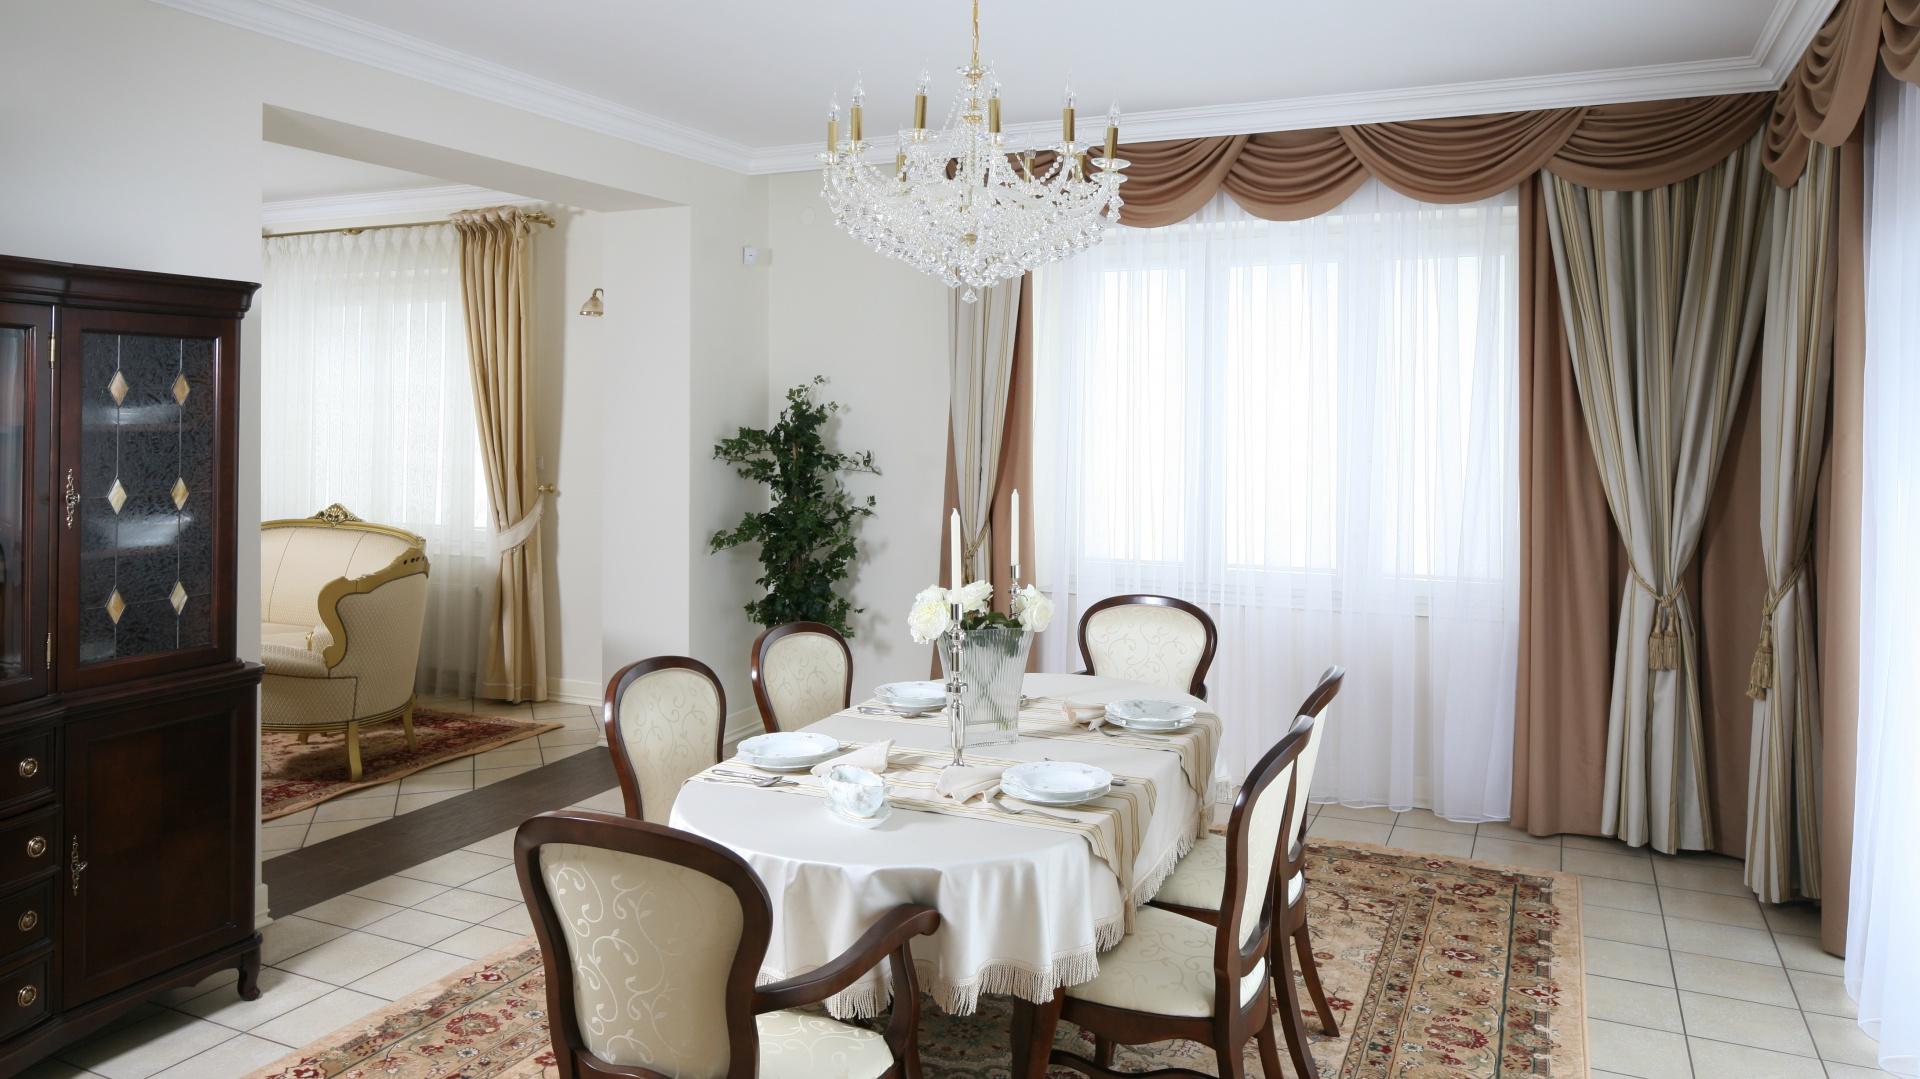 """Na dużym, drewnianym stole dumnie prezentuje się efektowny serwis obiadowy """"Louis"""" z XIX wieku – jeden z najstarszych modeli firmy Rosenthal. Cienkościenną porcelanę zdobi delikatny relief – neorokokowy wzór, uzupełniony eleganckimi kwiatowymi gałązkami i złoceniami. Projekt wnętrza: Małgorzata Goś. Fot. Bartosz Jarosz."""